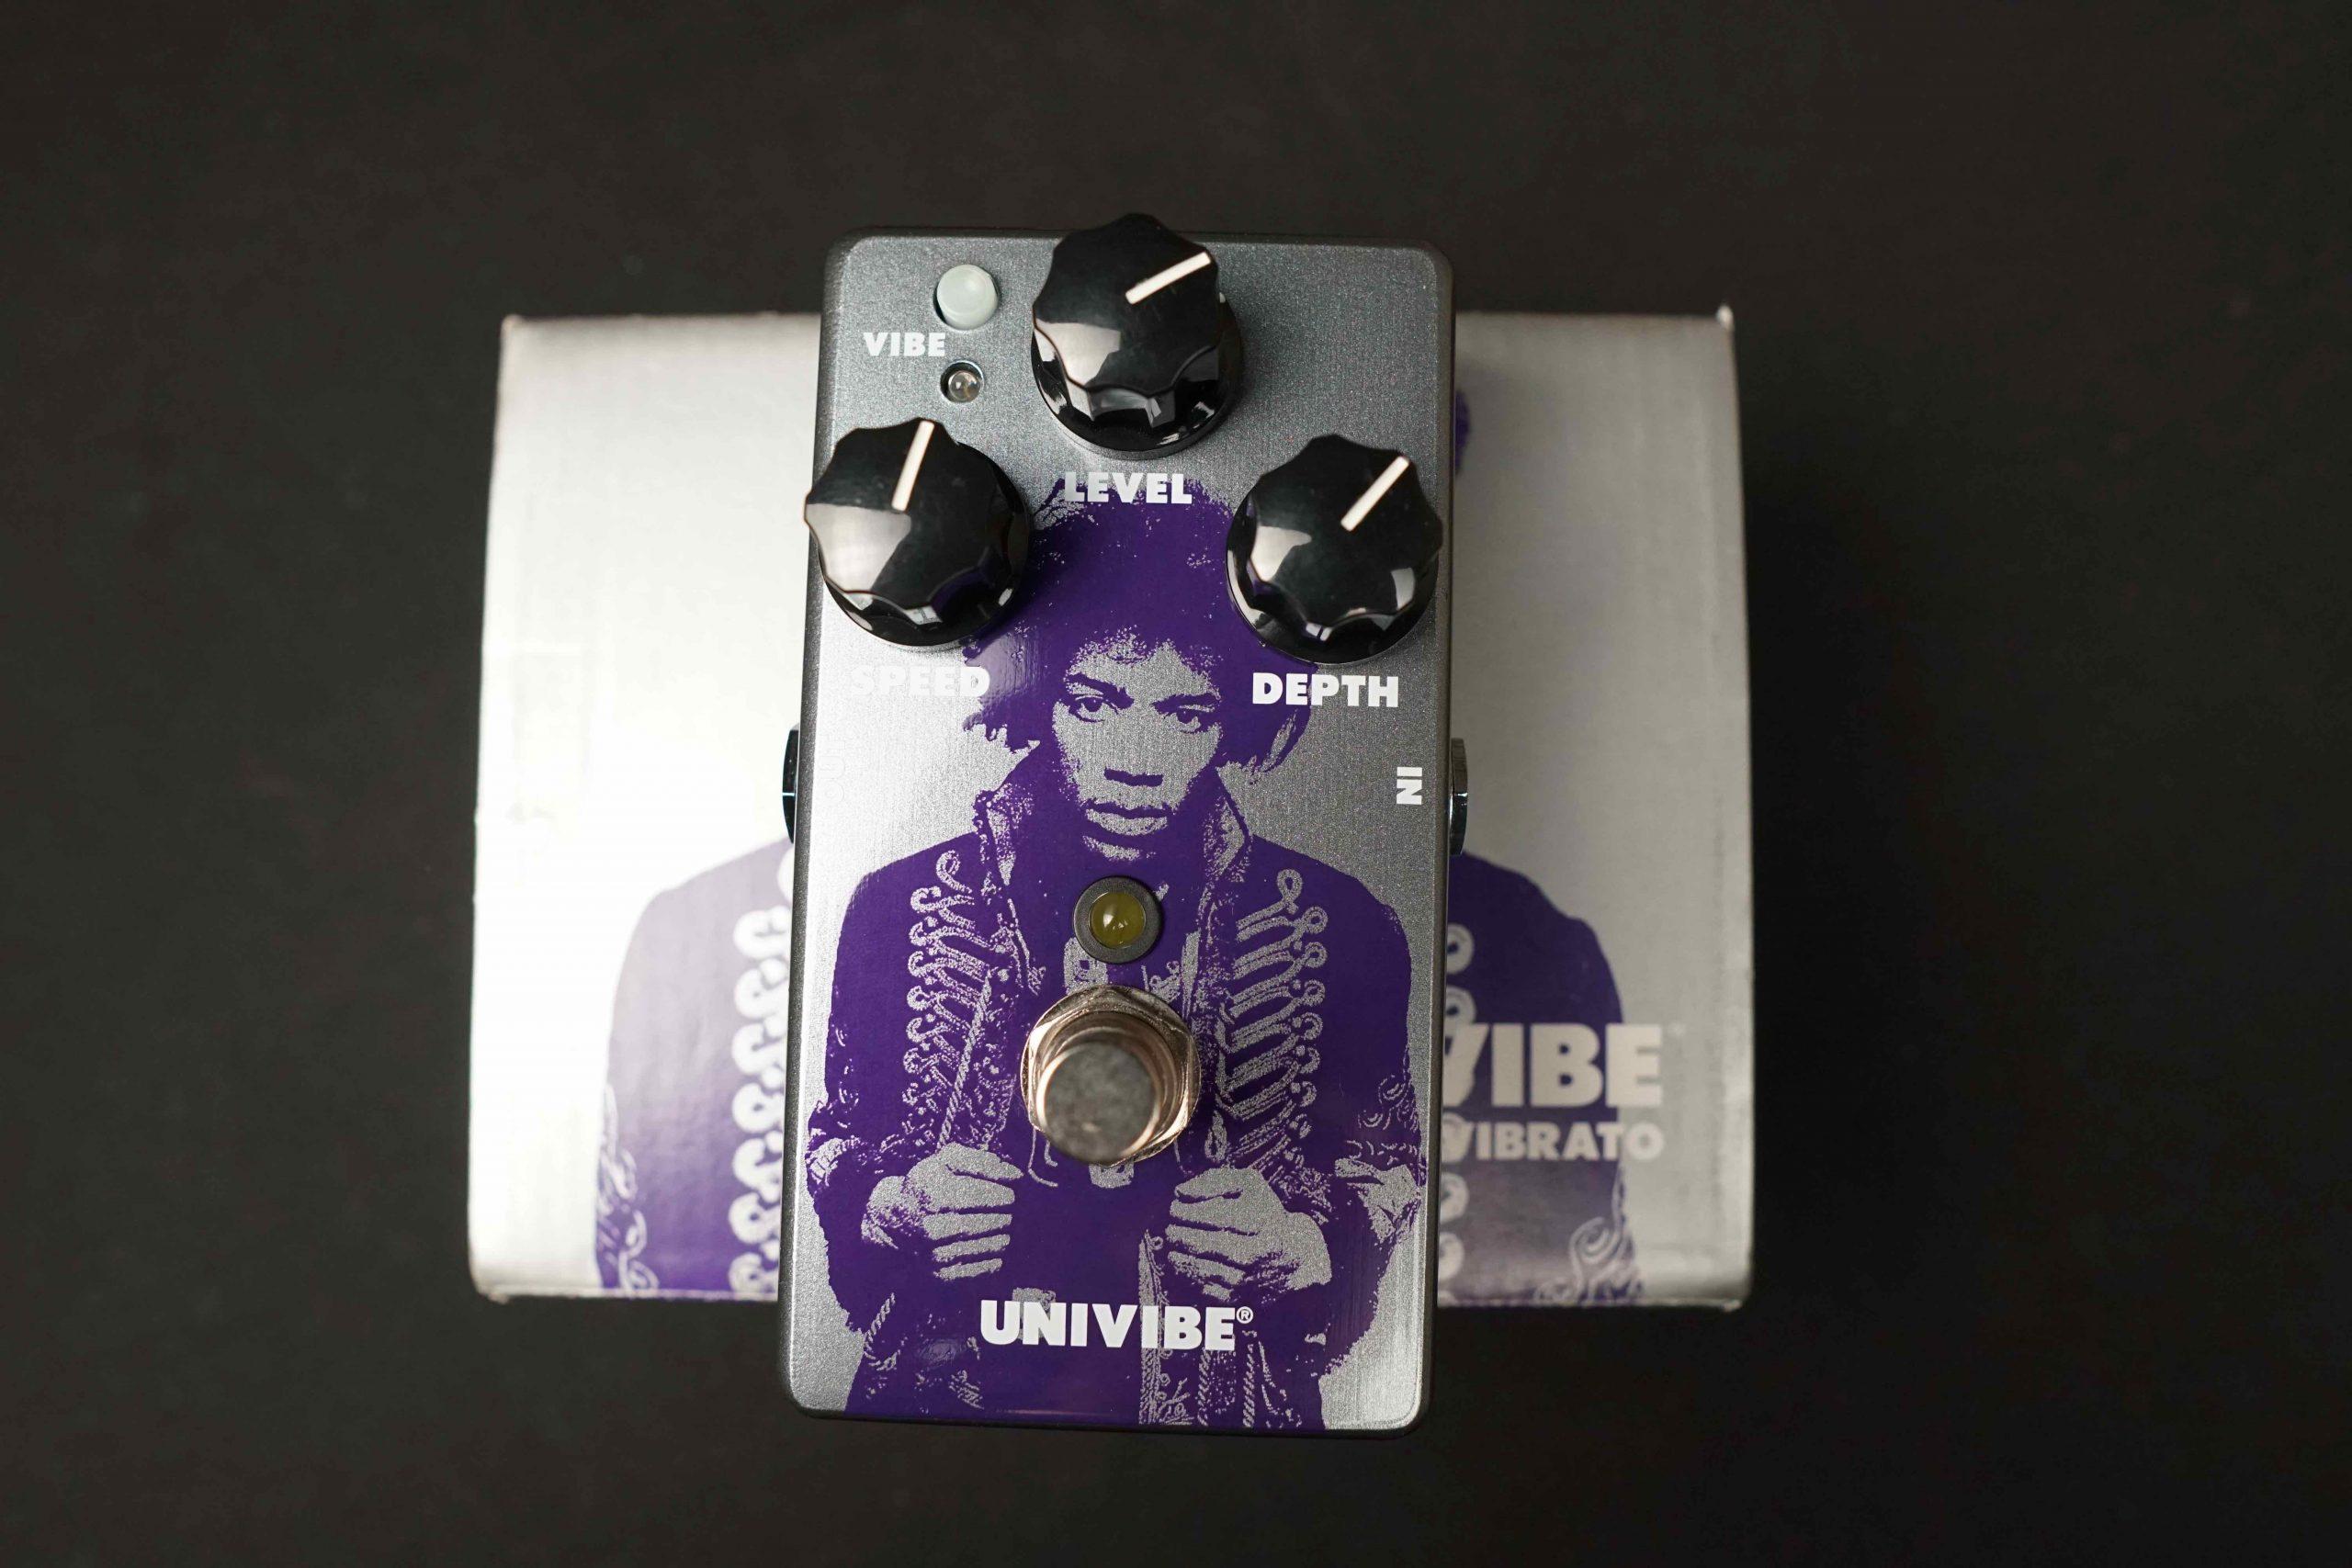 (已售出)(聖誕限時活動)Jimi Hendrix Univibe